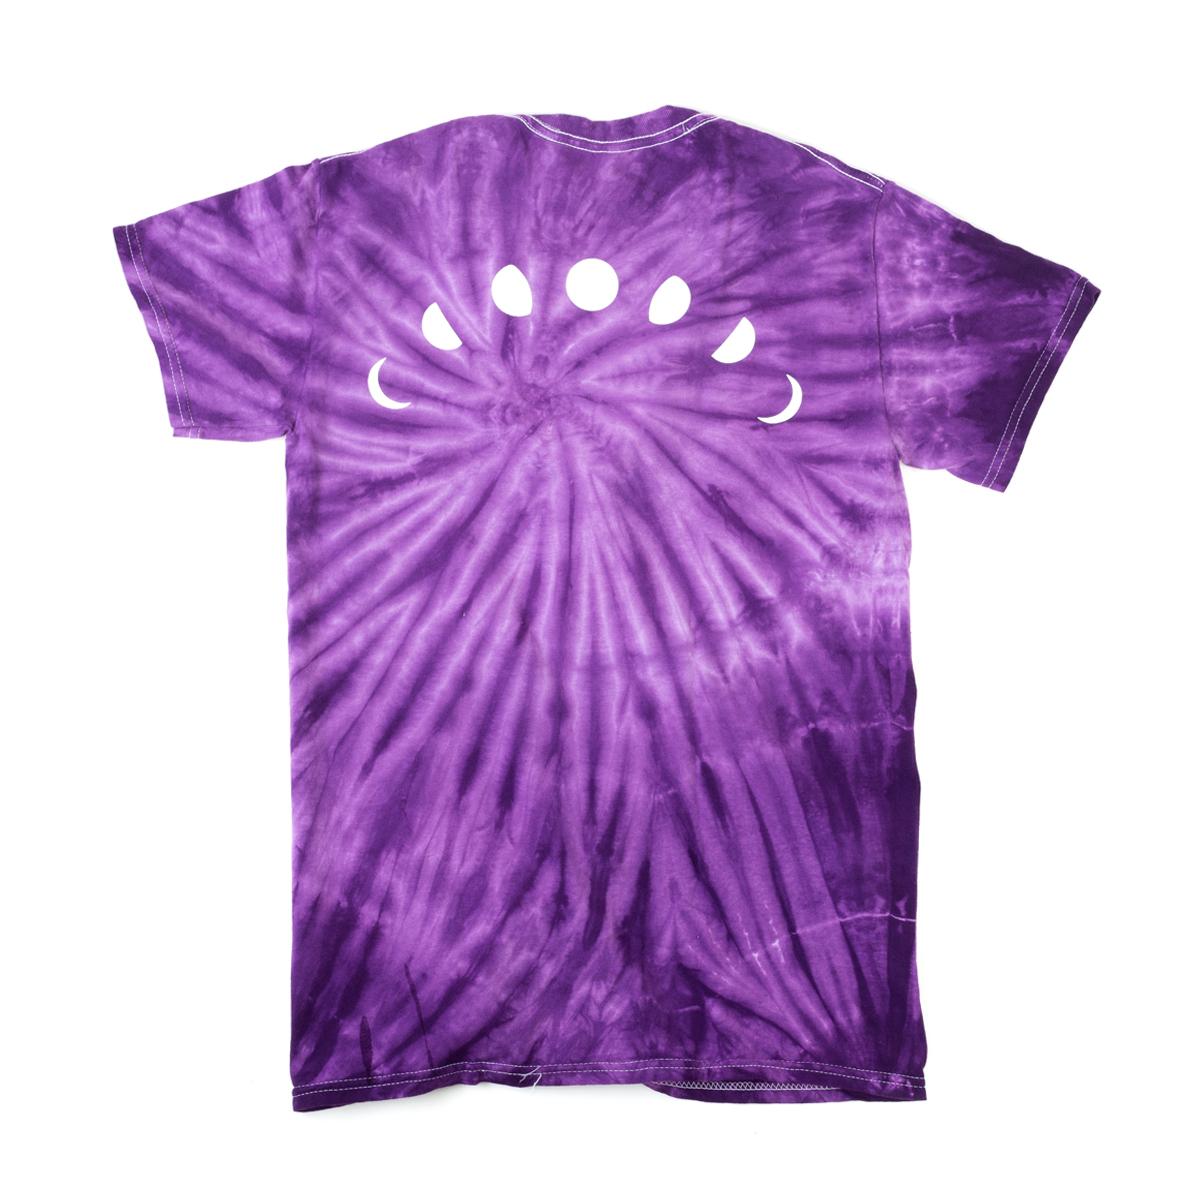 Night Bass Classic Tie Dye T-Shirt